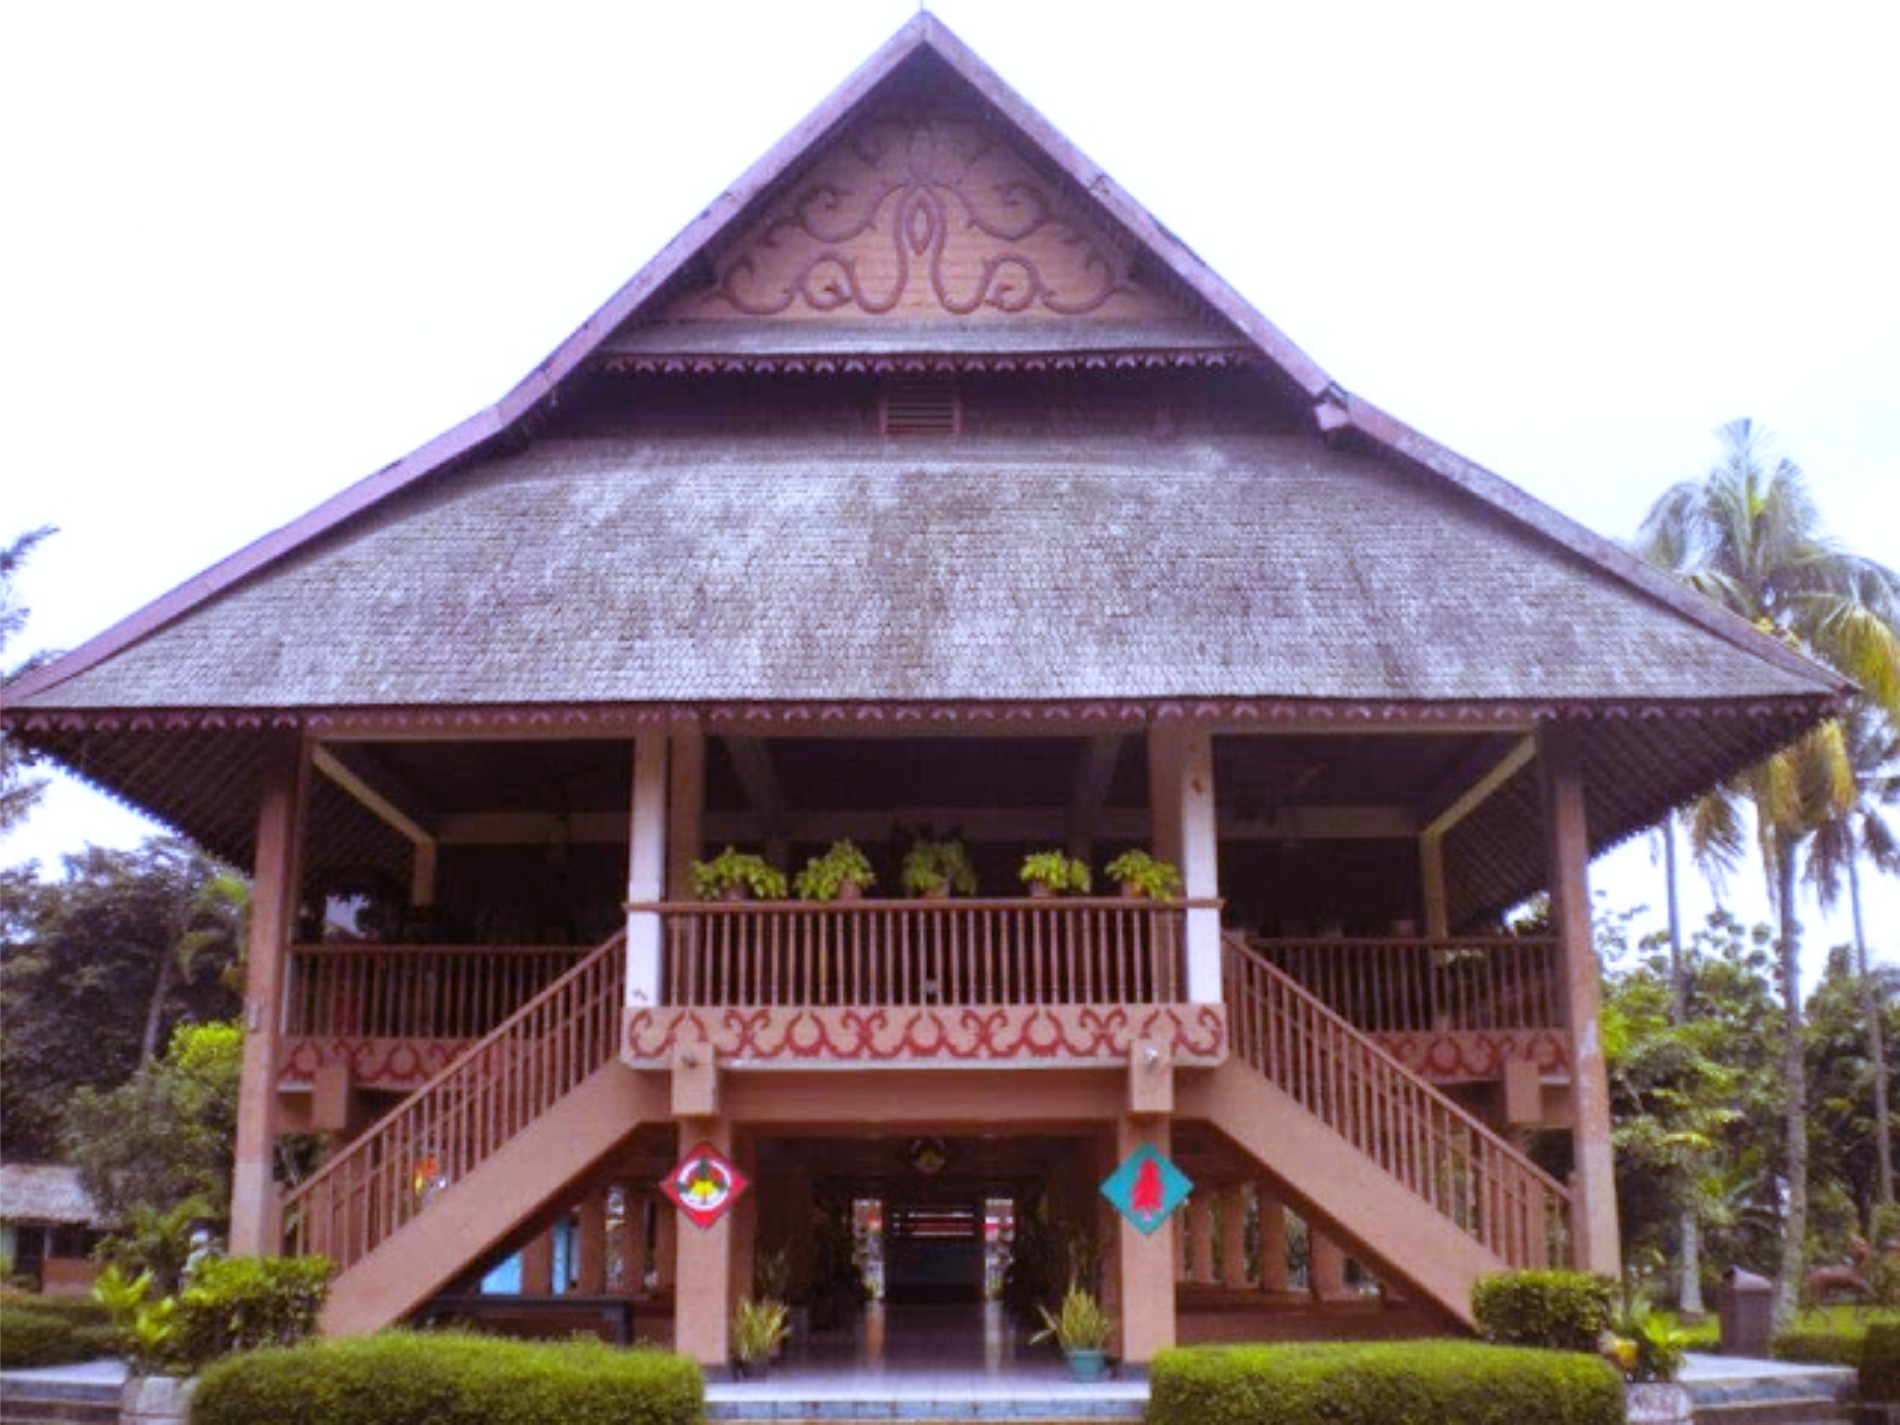 Rumah Adat Provinsi Sulawesi Utara Minahasa (Walewangko)